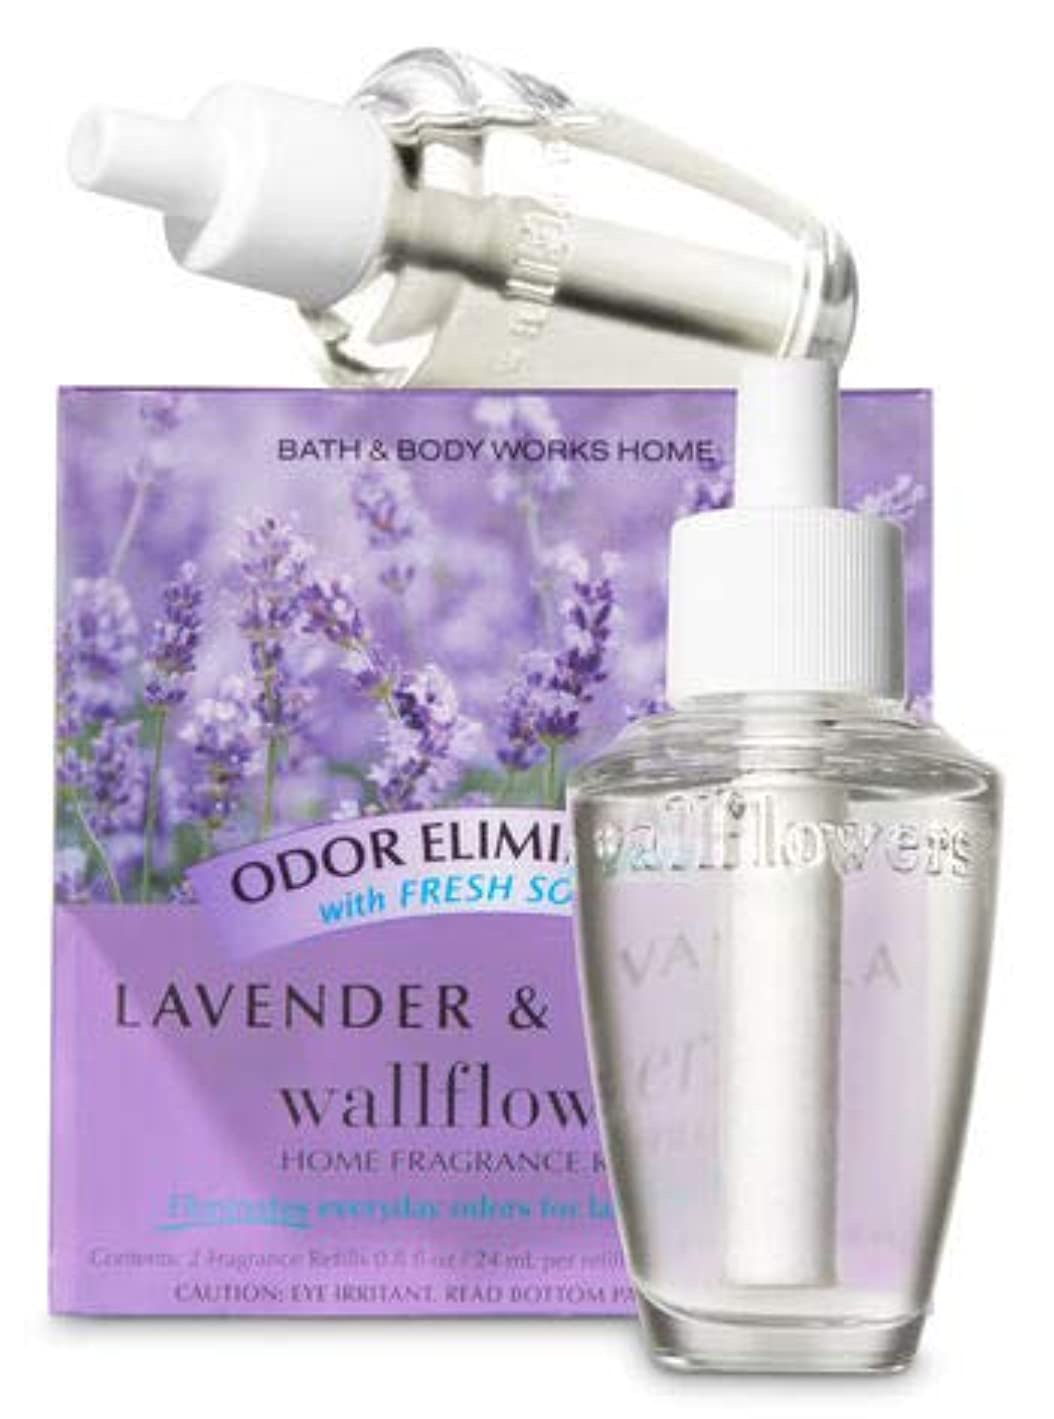 ローブ登山家苛性【Bath&Body Works/バス&ボディワークス】 ルームフレグランス 詰替えリフィル(2個入り) 消臭効果付き ラベンダー&バニラ Wallflowers Home Fragrance 2-Pack Refills Odor eliminating Lavender & Vanilla [並行輸入品]